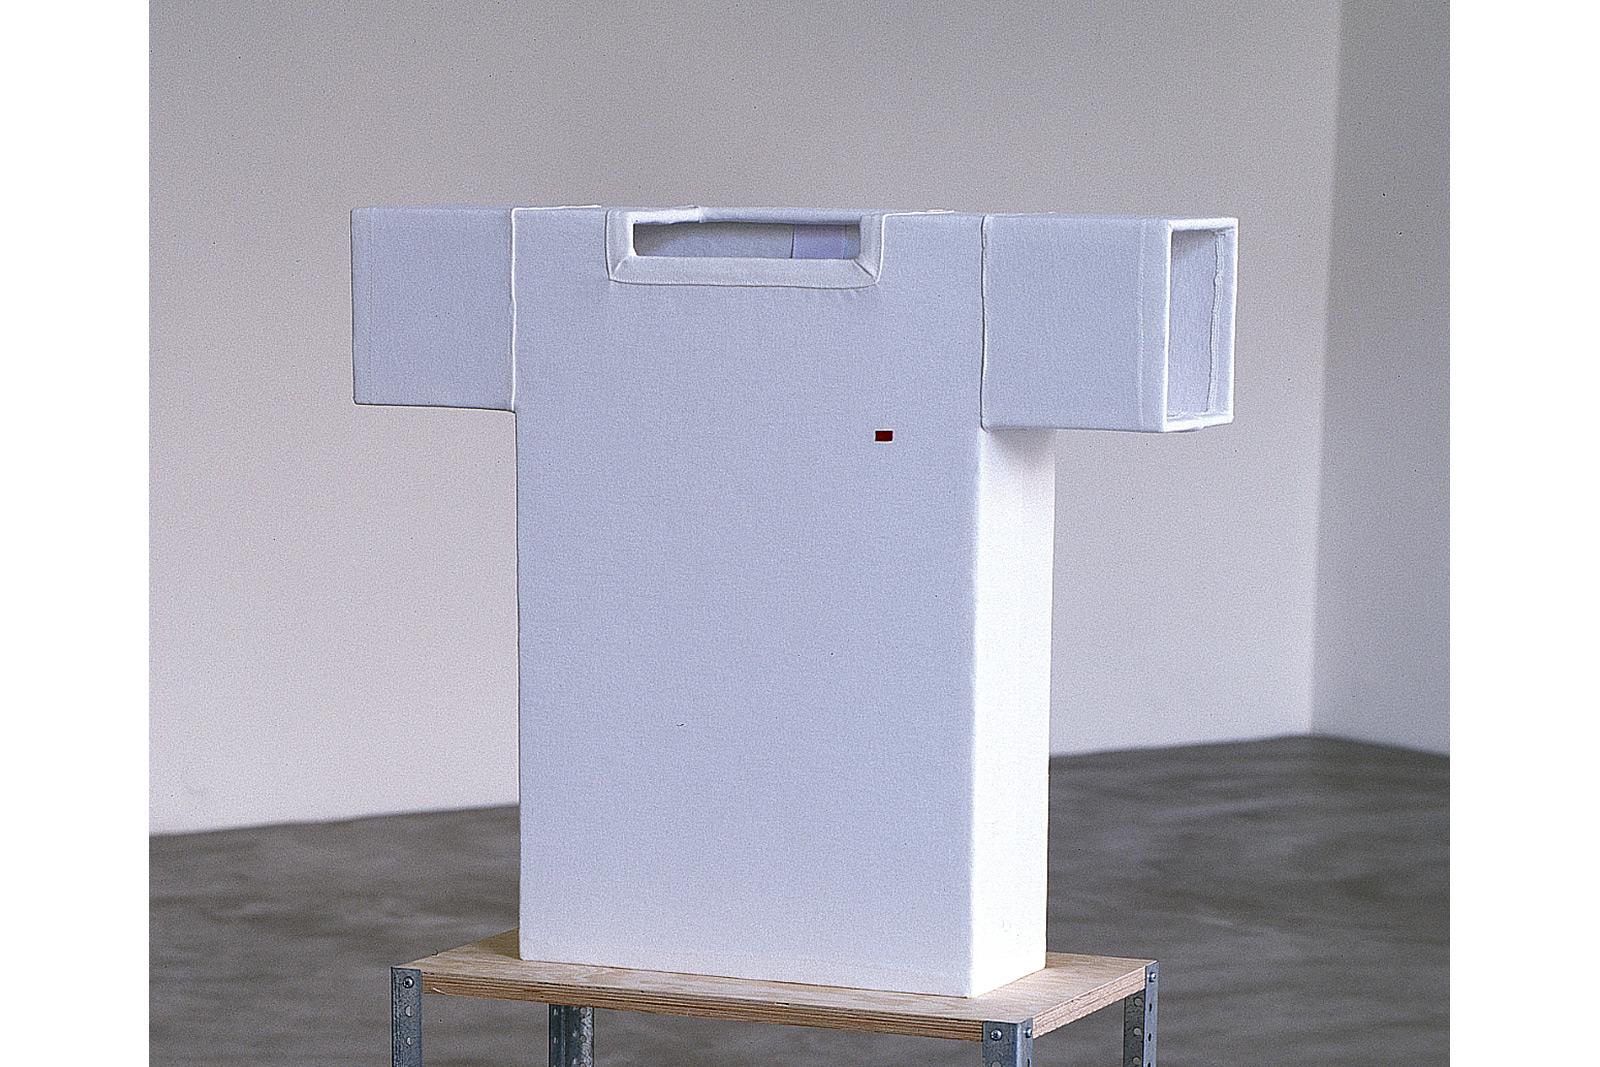 t-shirt sculpture, galerie hengesbach wupperthal